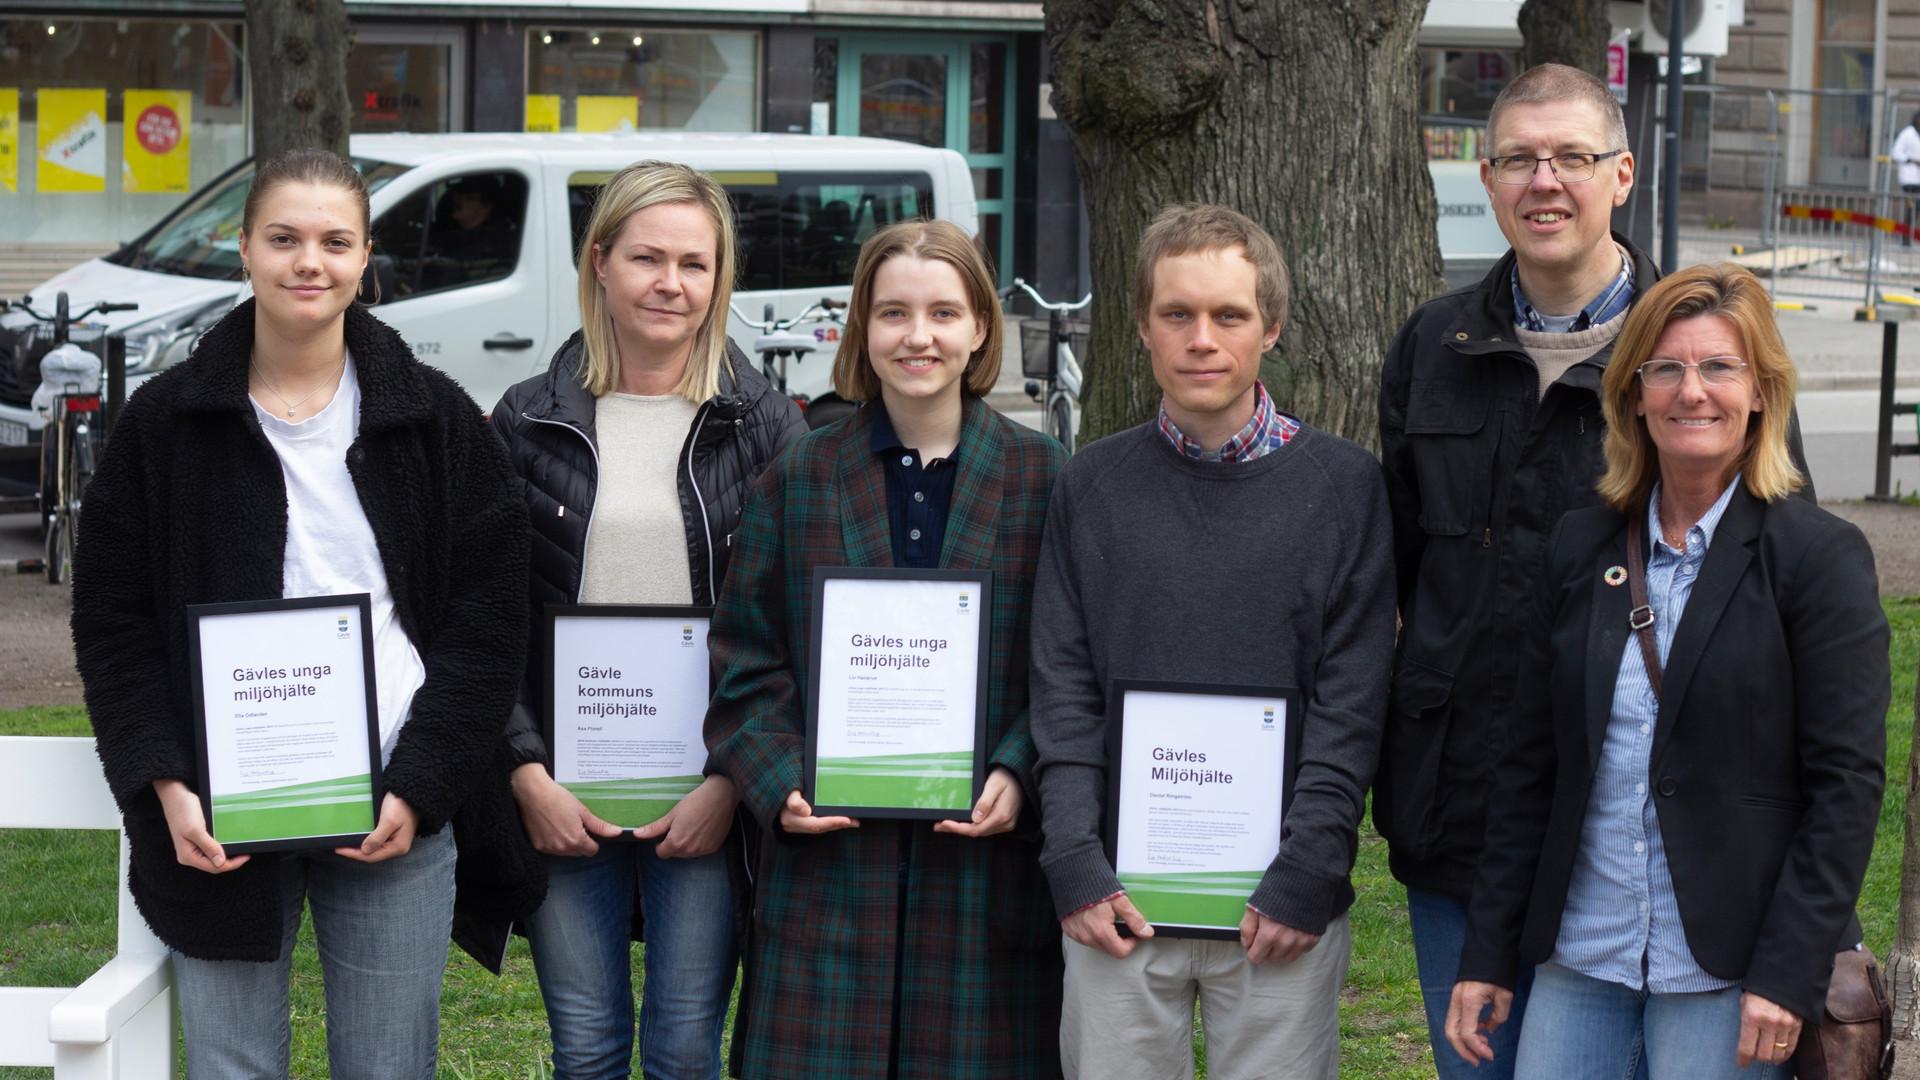 2019 års miljöpristagare visar upp sina diplom.